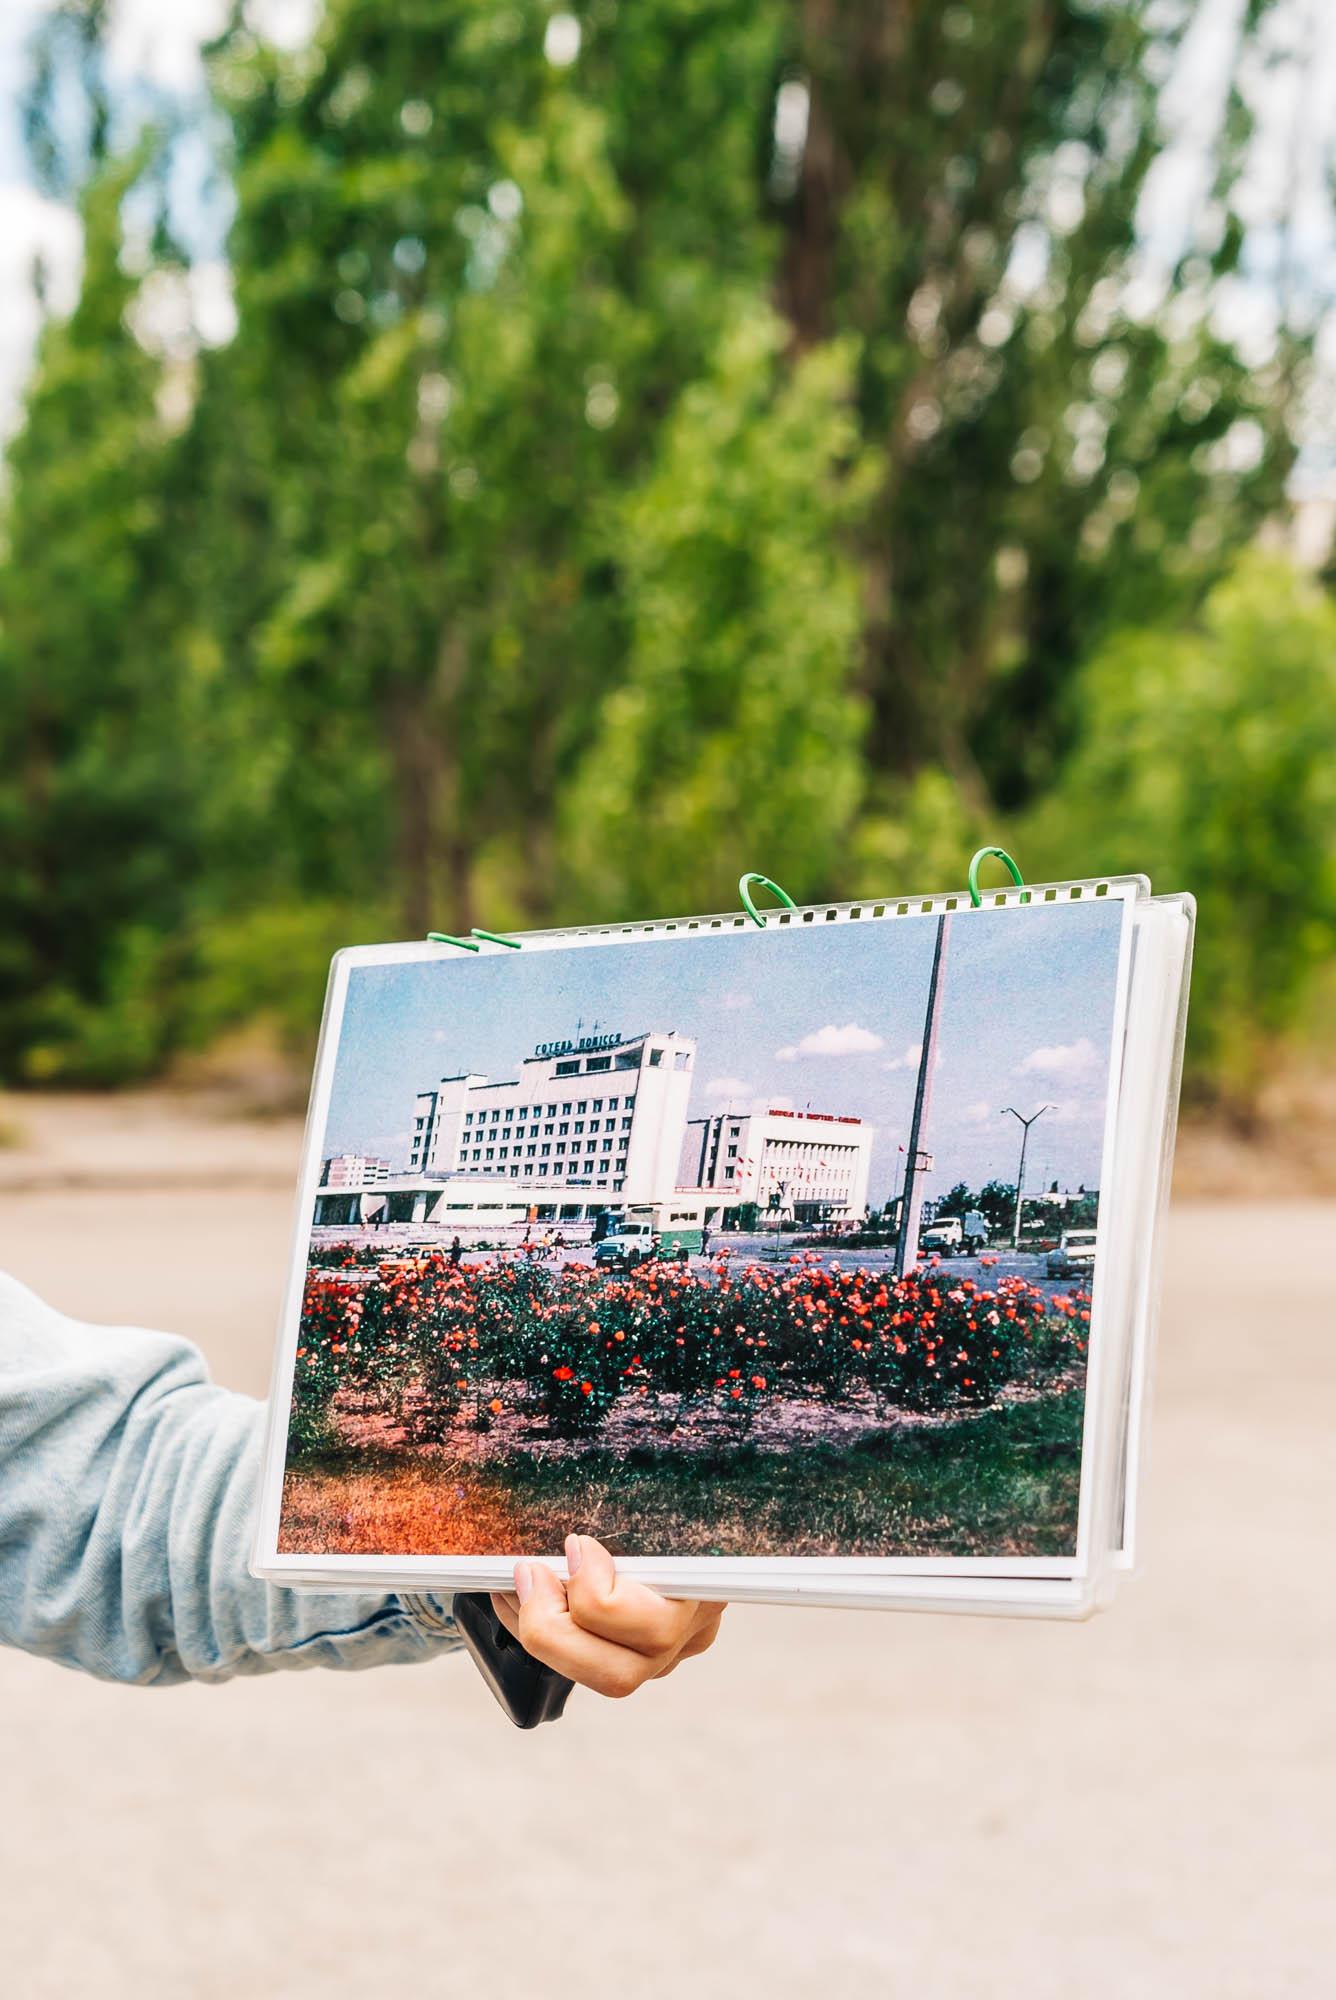 Pripyat in the 1980s